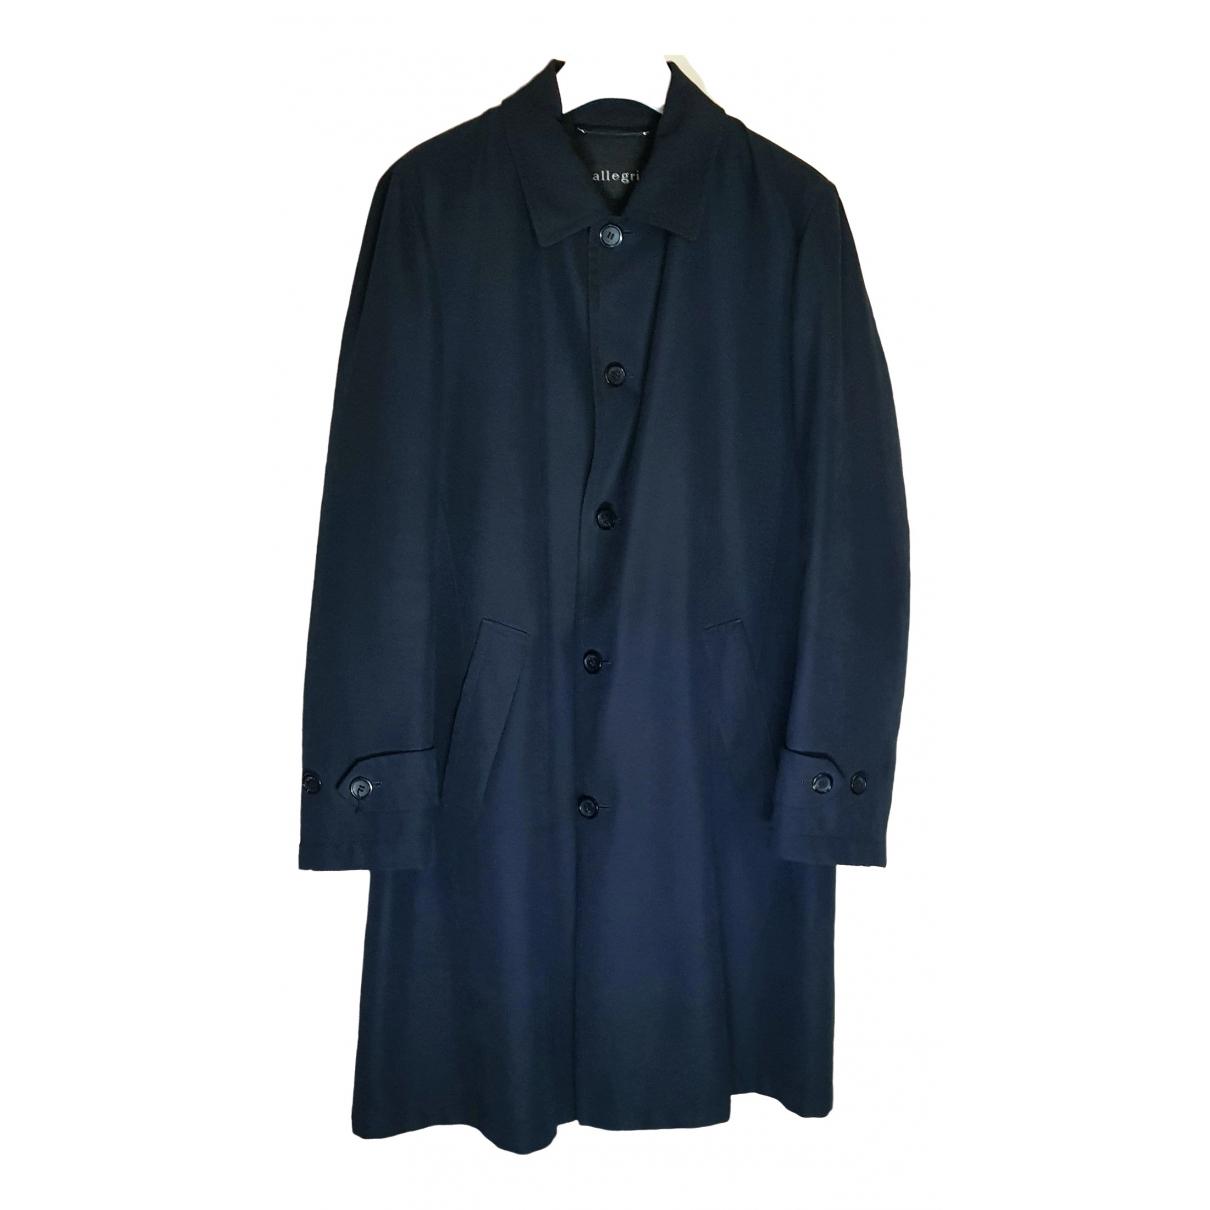 Allegri - Manteau   pour homme - bleu